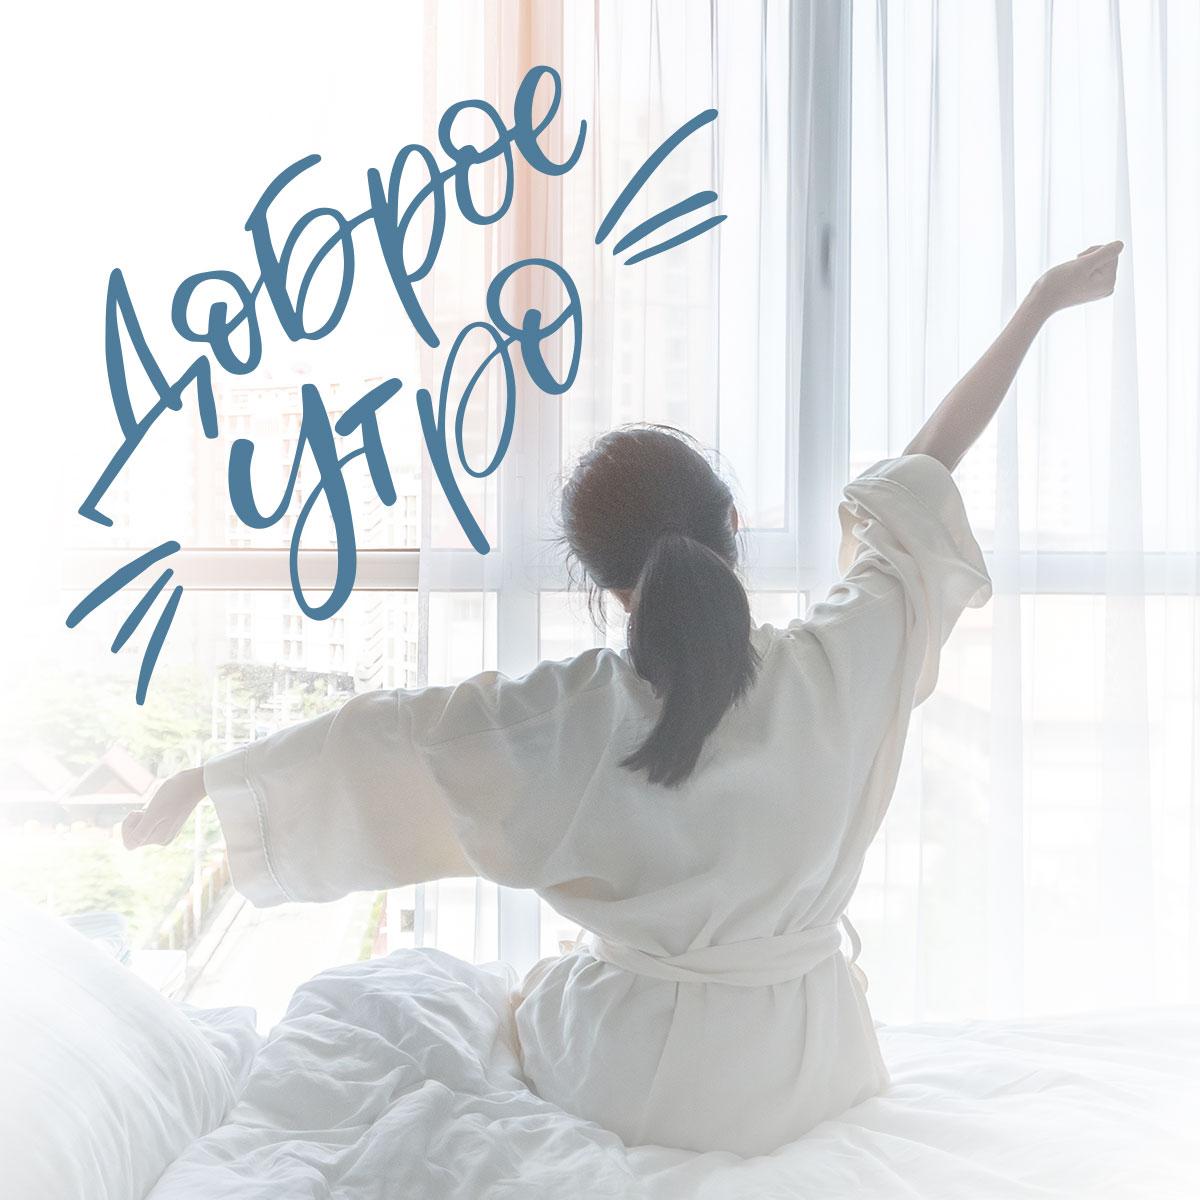 Девушка потягивается сидя на кровати под надписью доброе утро.